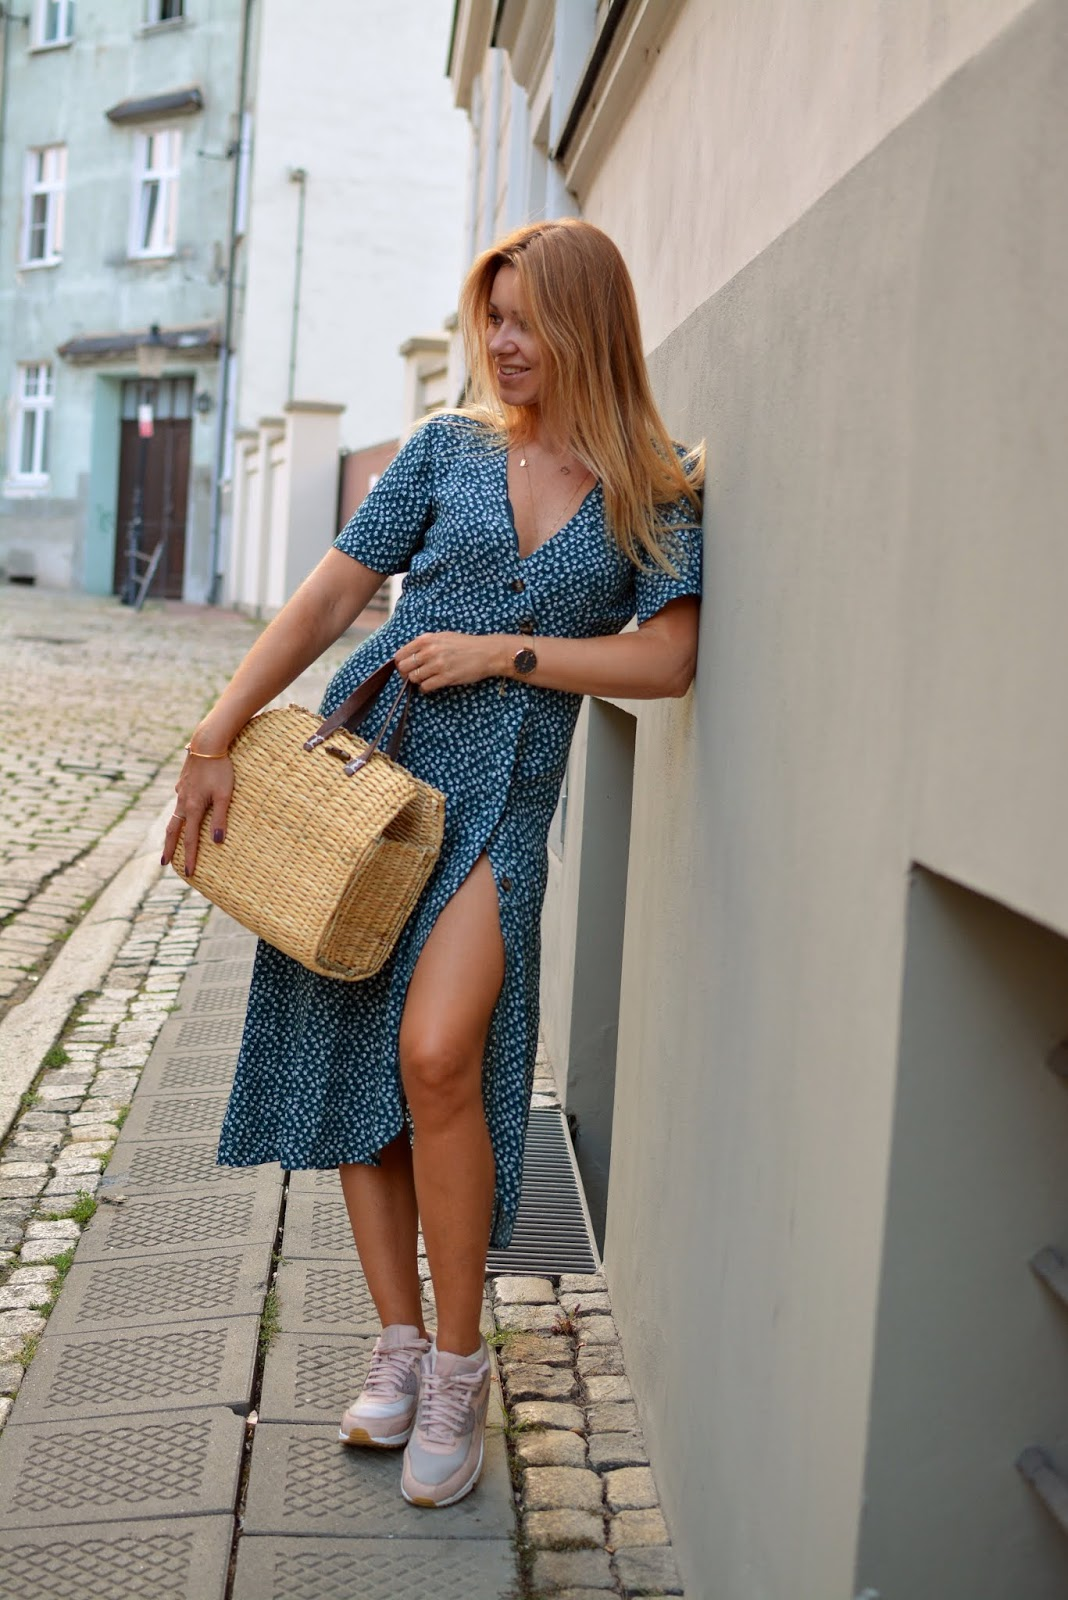 kosz, koszyk, torebka koszykowa, stylizacja, blog, blogger, poznan, sukienka midi, basket, bag